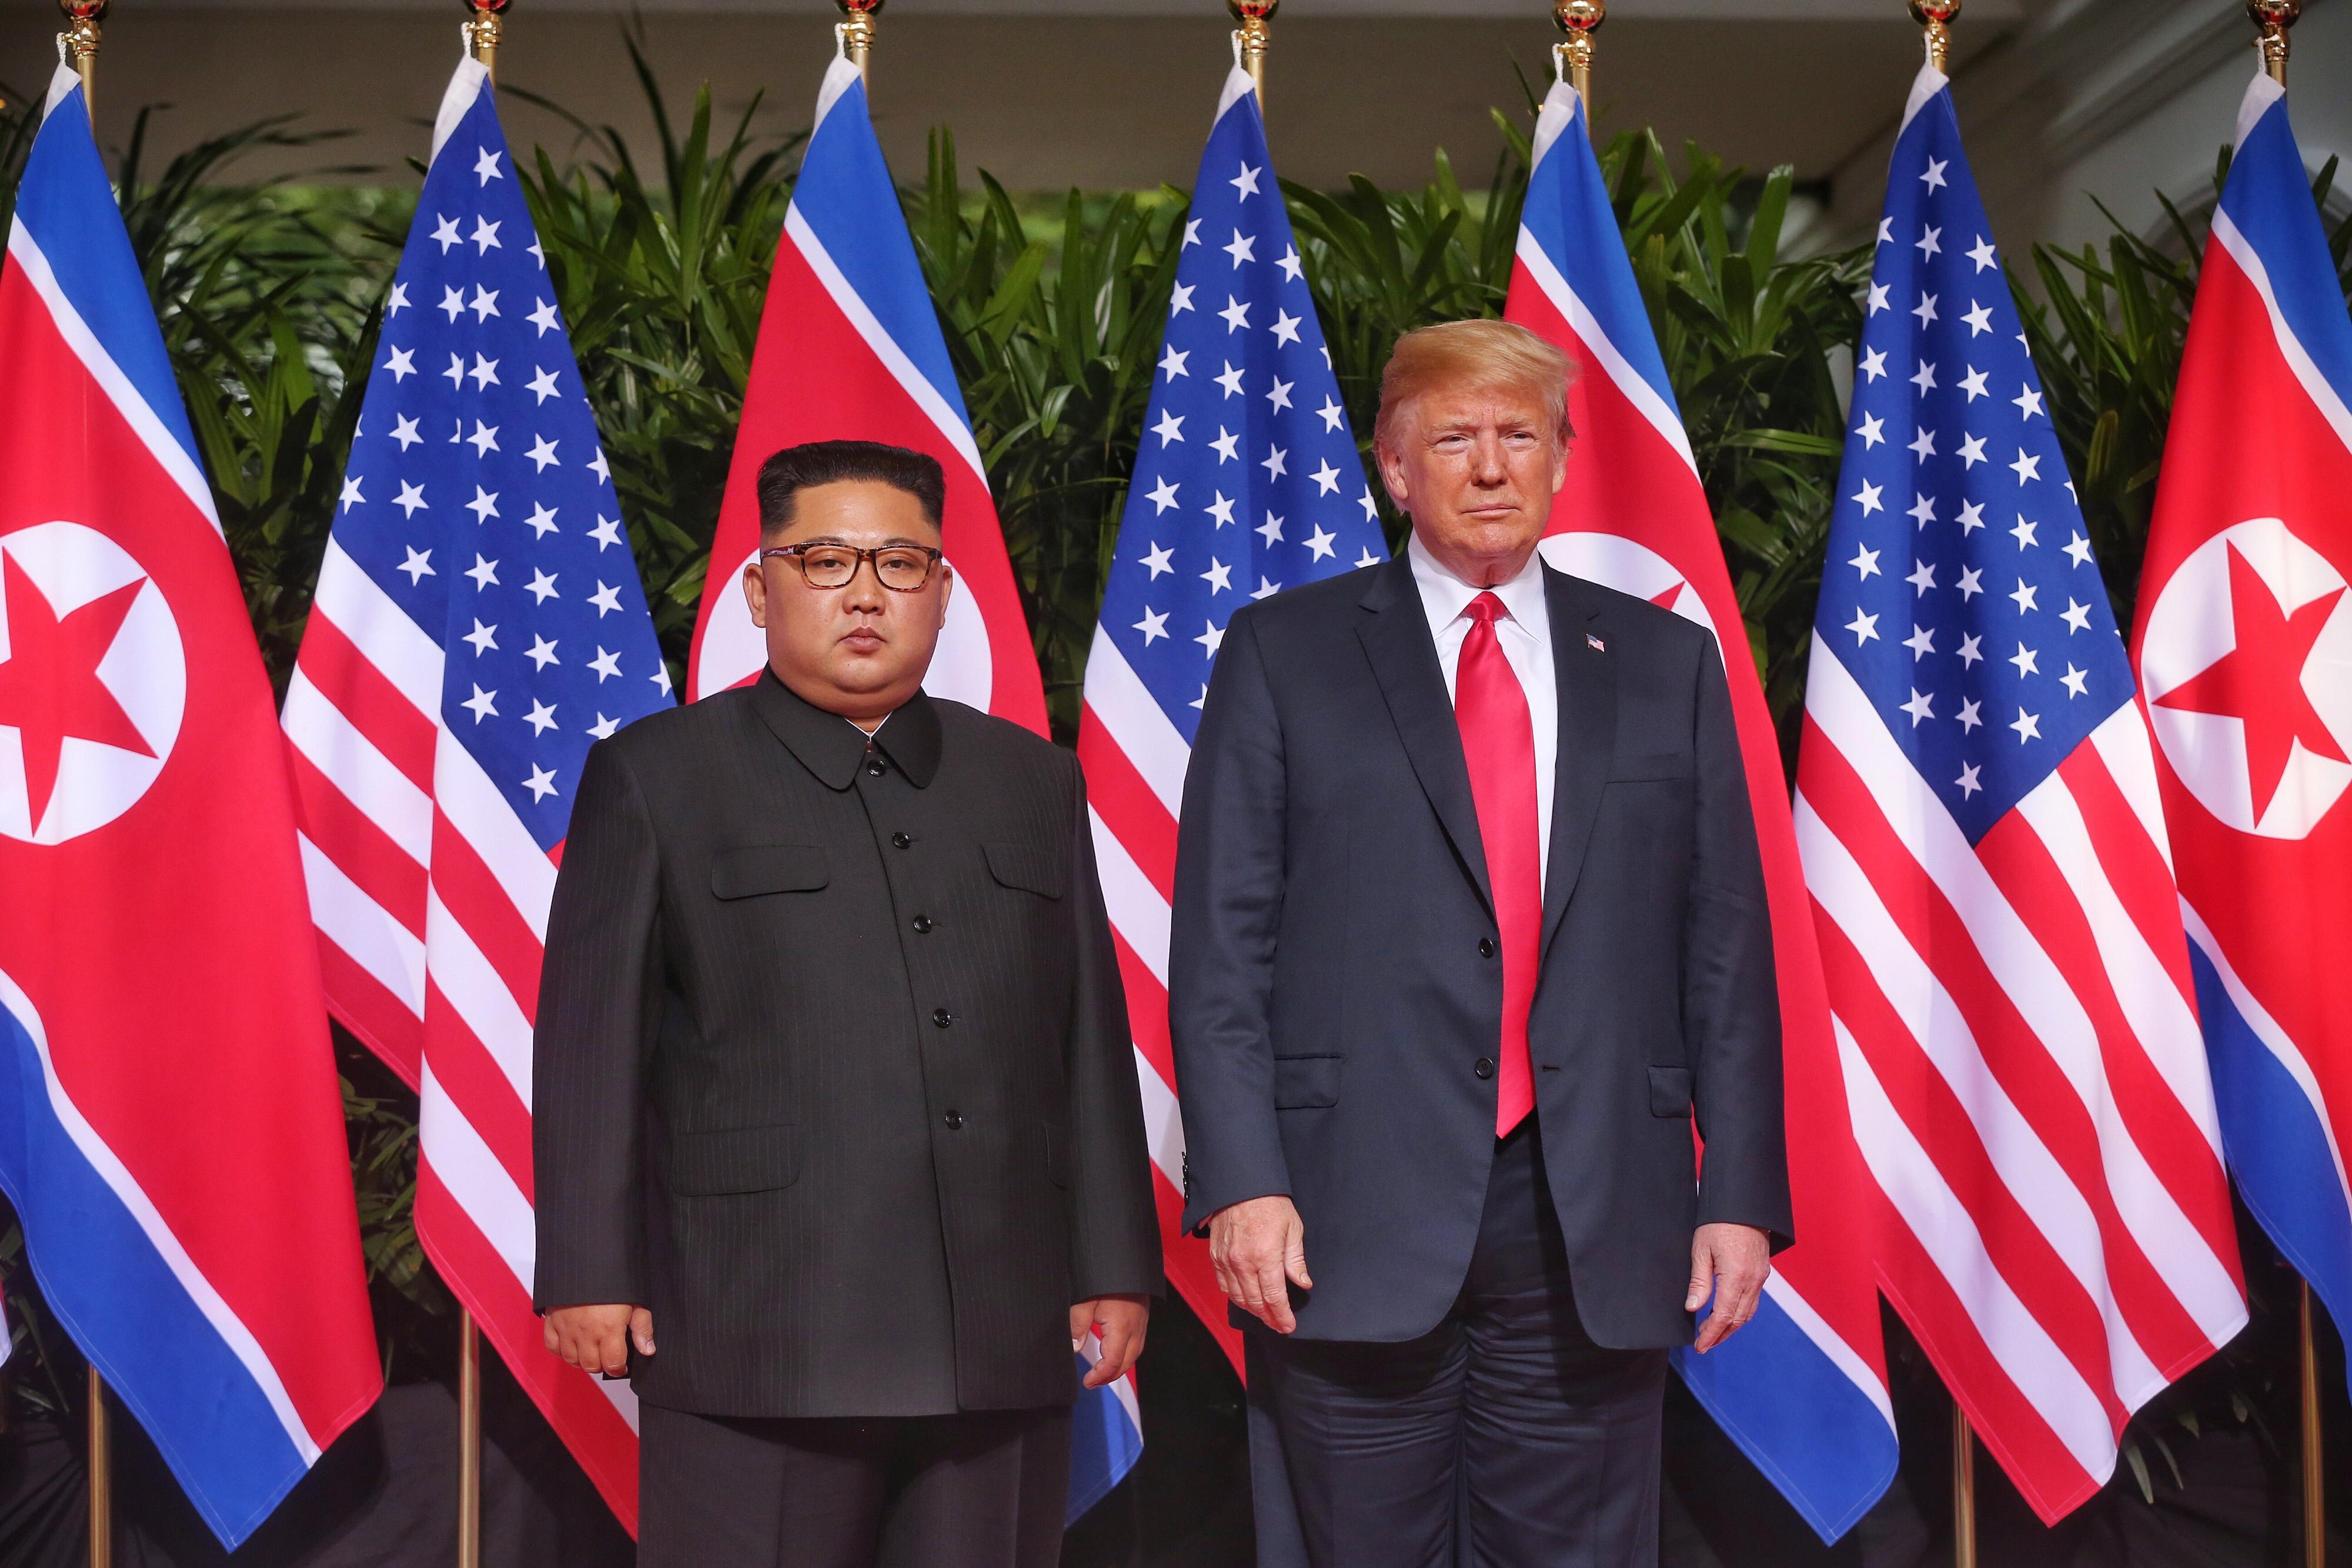 Историческо ръкостискане между американския президент Доналд Тръмп и севернокорейския лидер Ким Чен-ун се състоя днес в Сингапур. Това е първата среща между действащ американски президент и севернокорейски лидер.